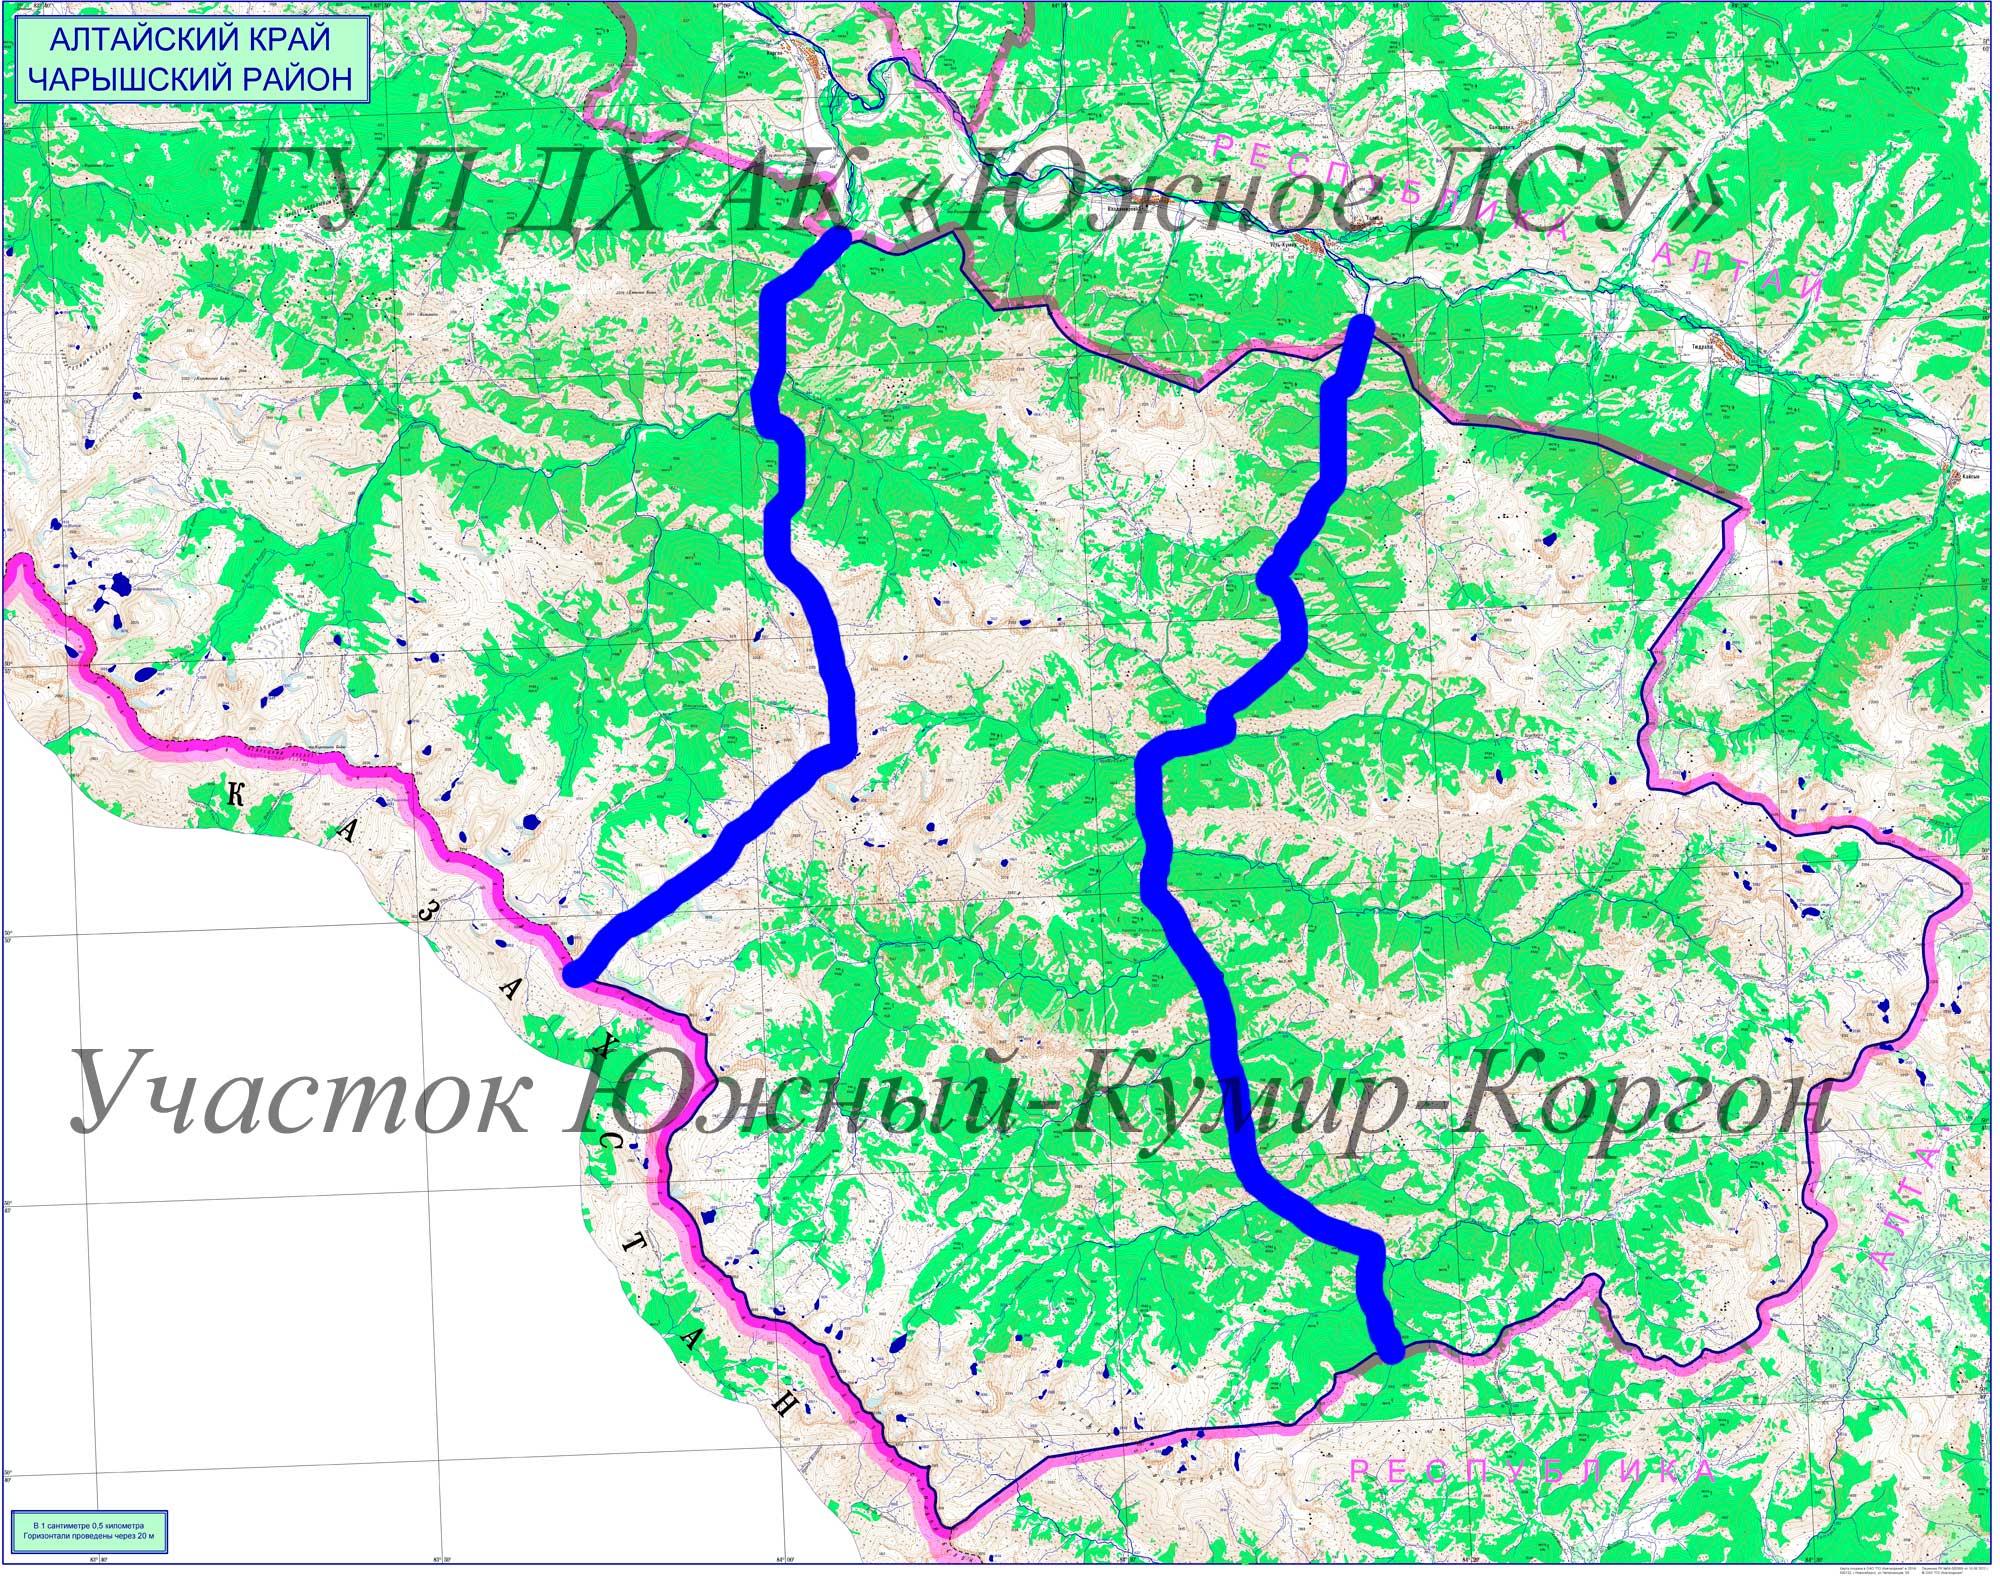 Участок Южный-Кумир-Коргон